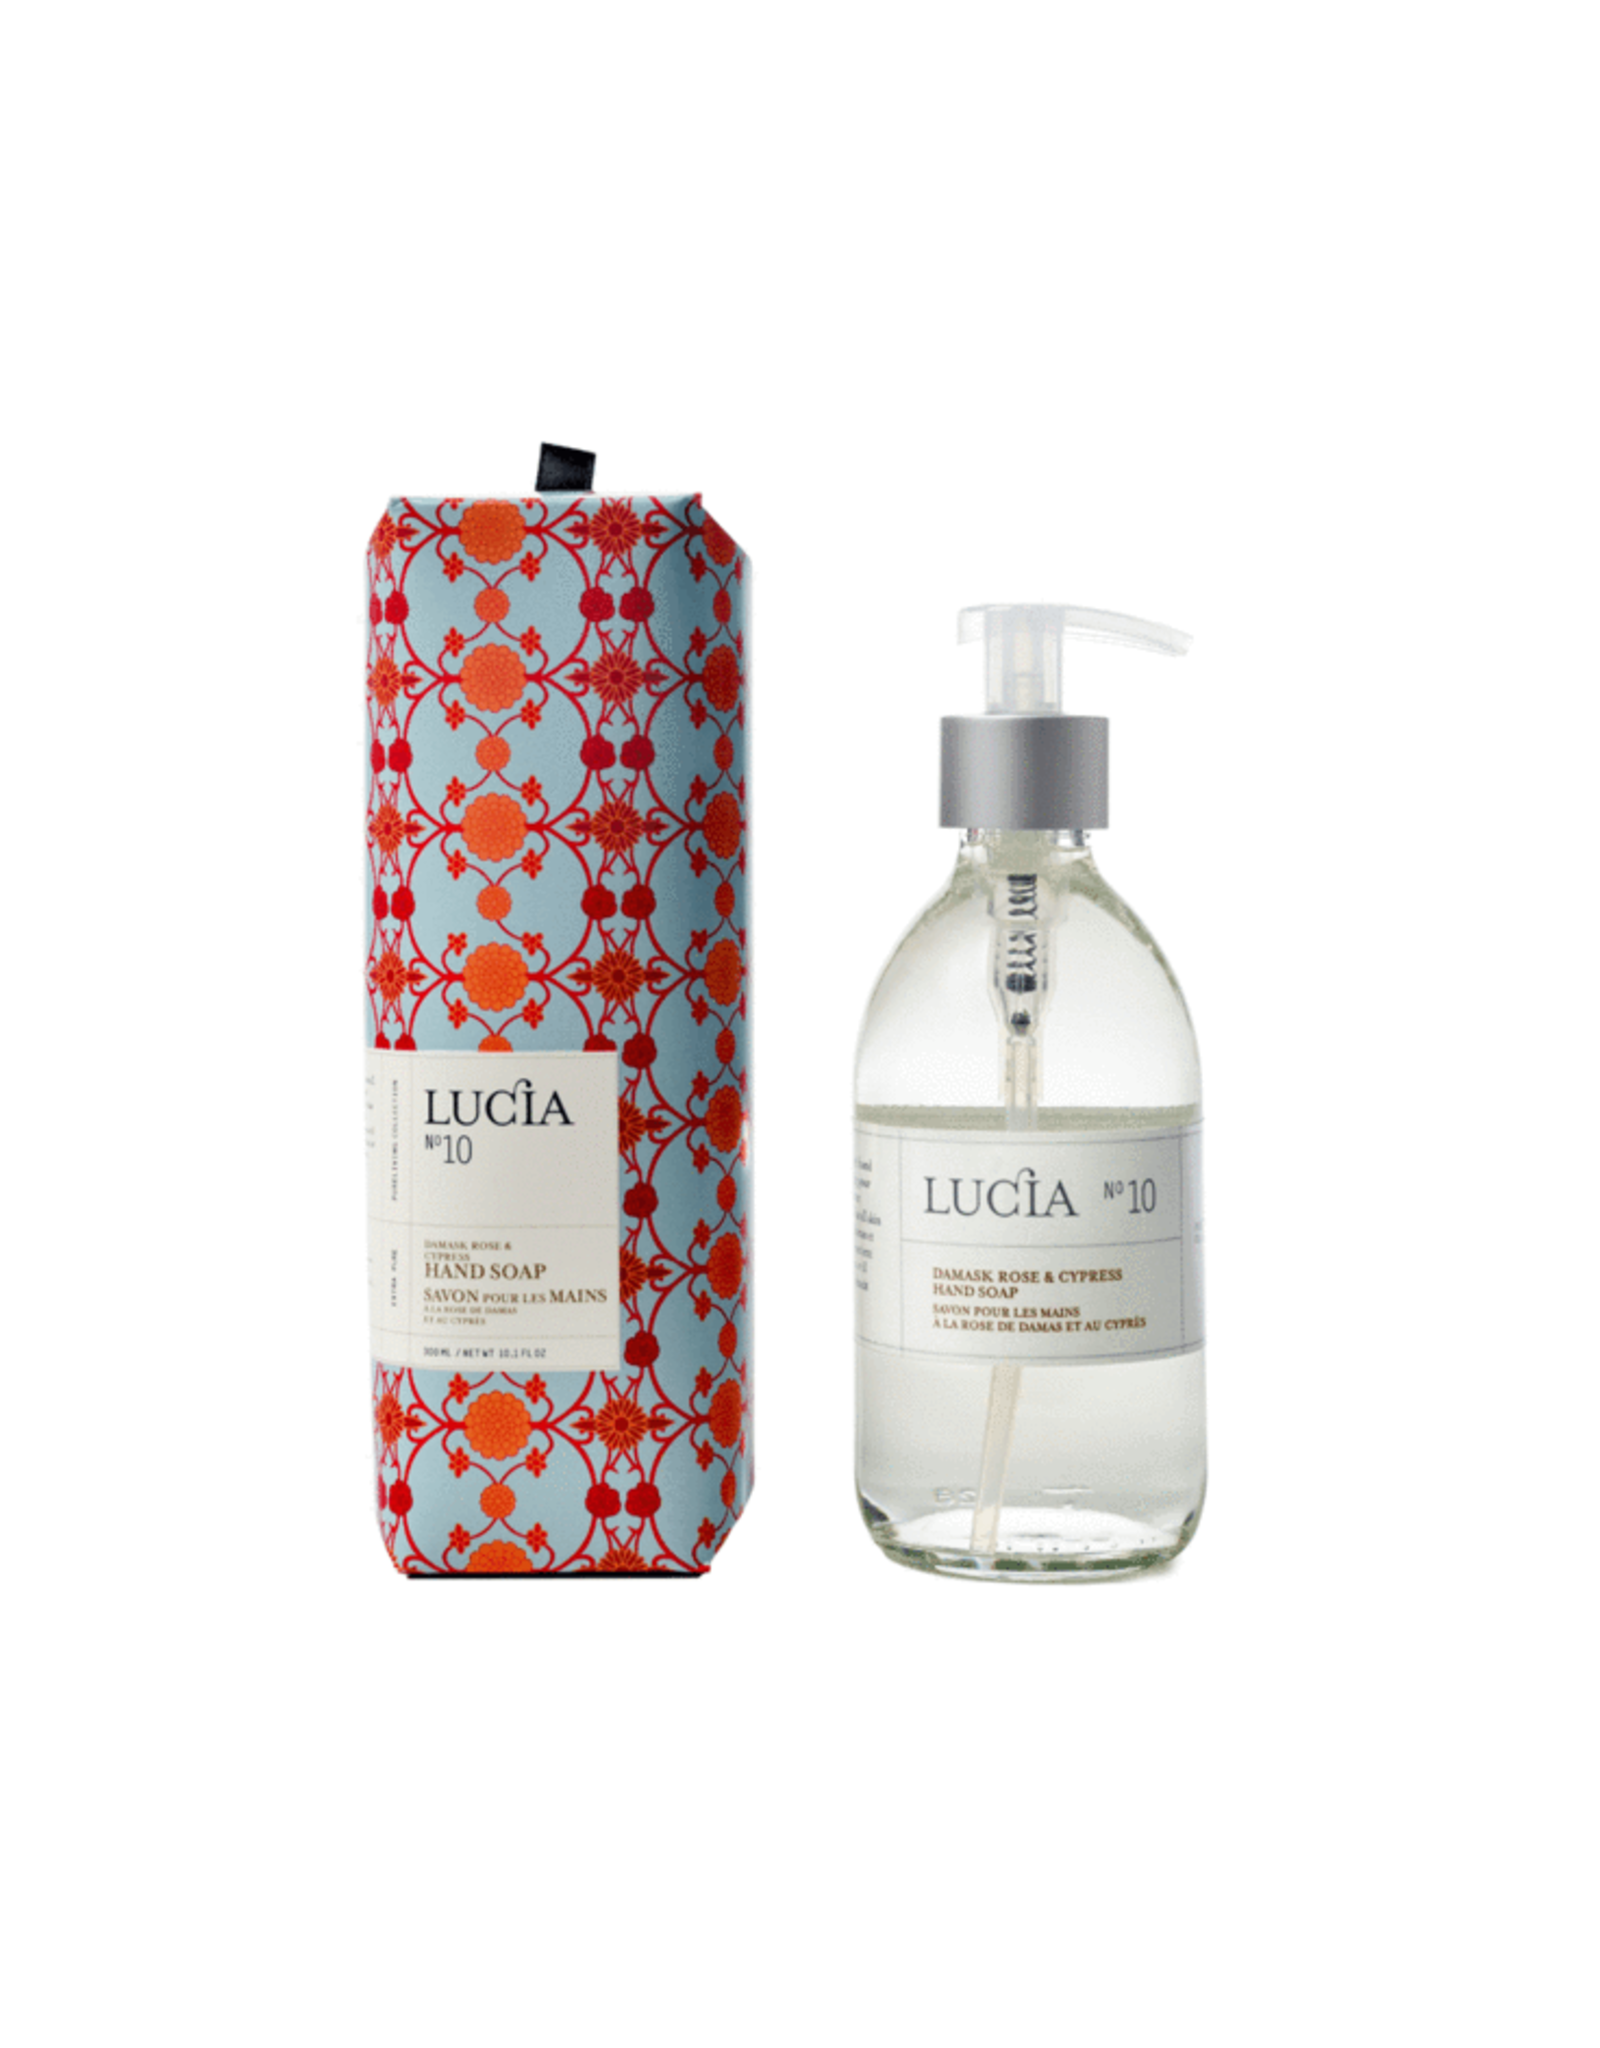 Lucia # 10: Savon pour les mains -  Rose de Damas et Cyprès